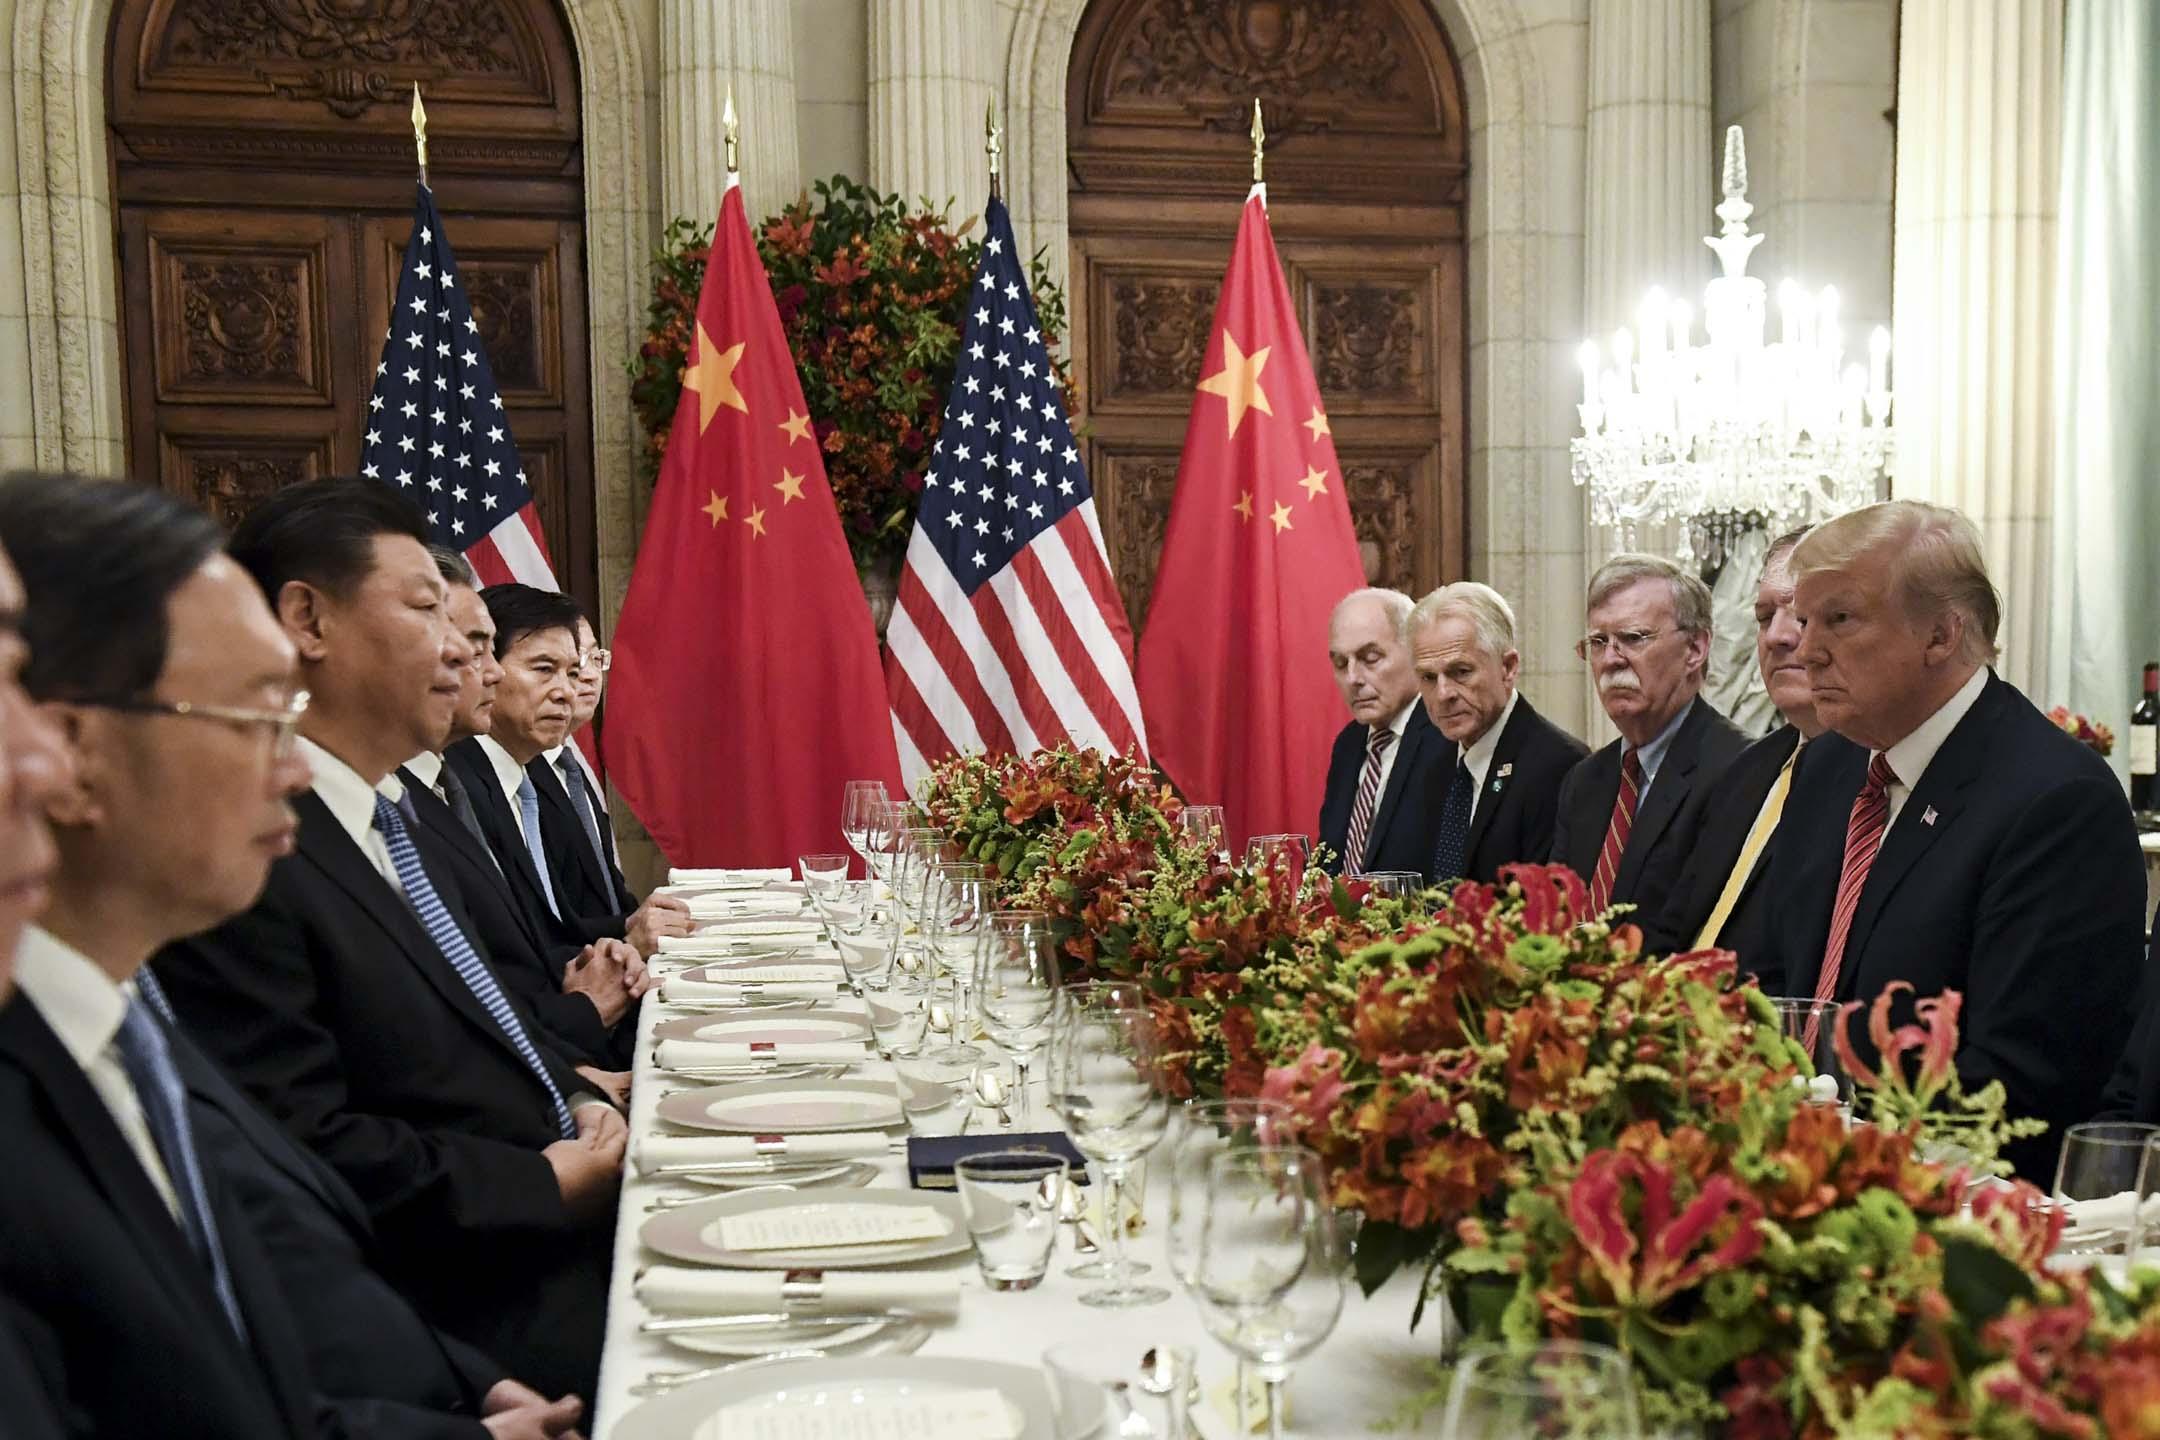 2018年12月1日,中國國家主席習近平,應邀與美國總統特朗普,在阿根廷布宜諾斯艾利斯共晉晚餐,會晤超過兩小時。 攝:Saul Loeb/AFP/Getty Images